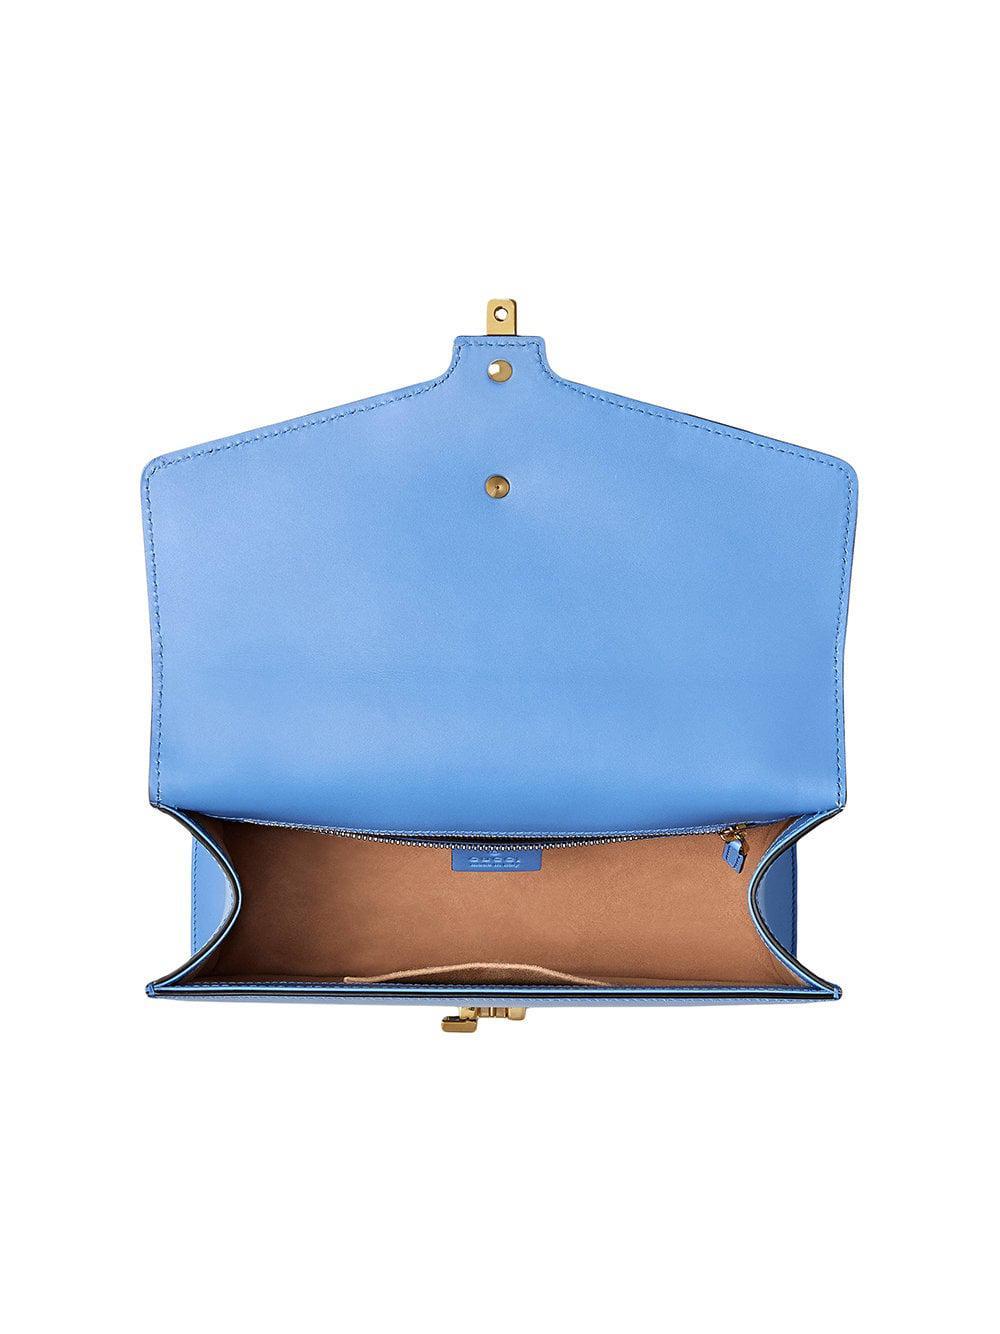 1de95a15ad4 Lyst - Sac porté épaule Sylvie Gucci en coloris Bleu